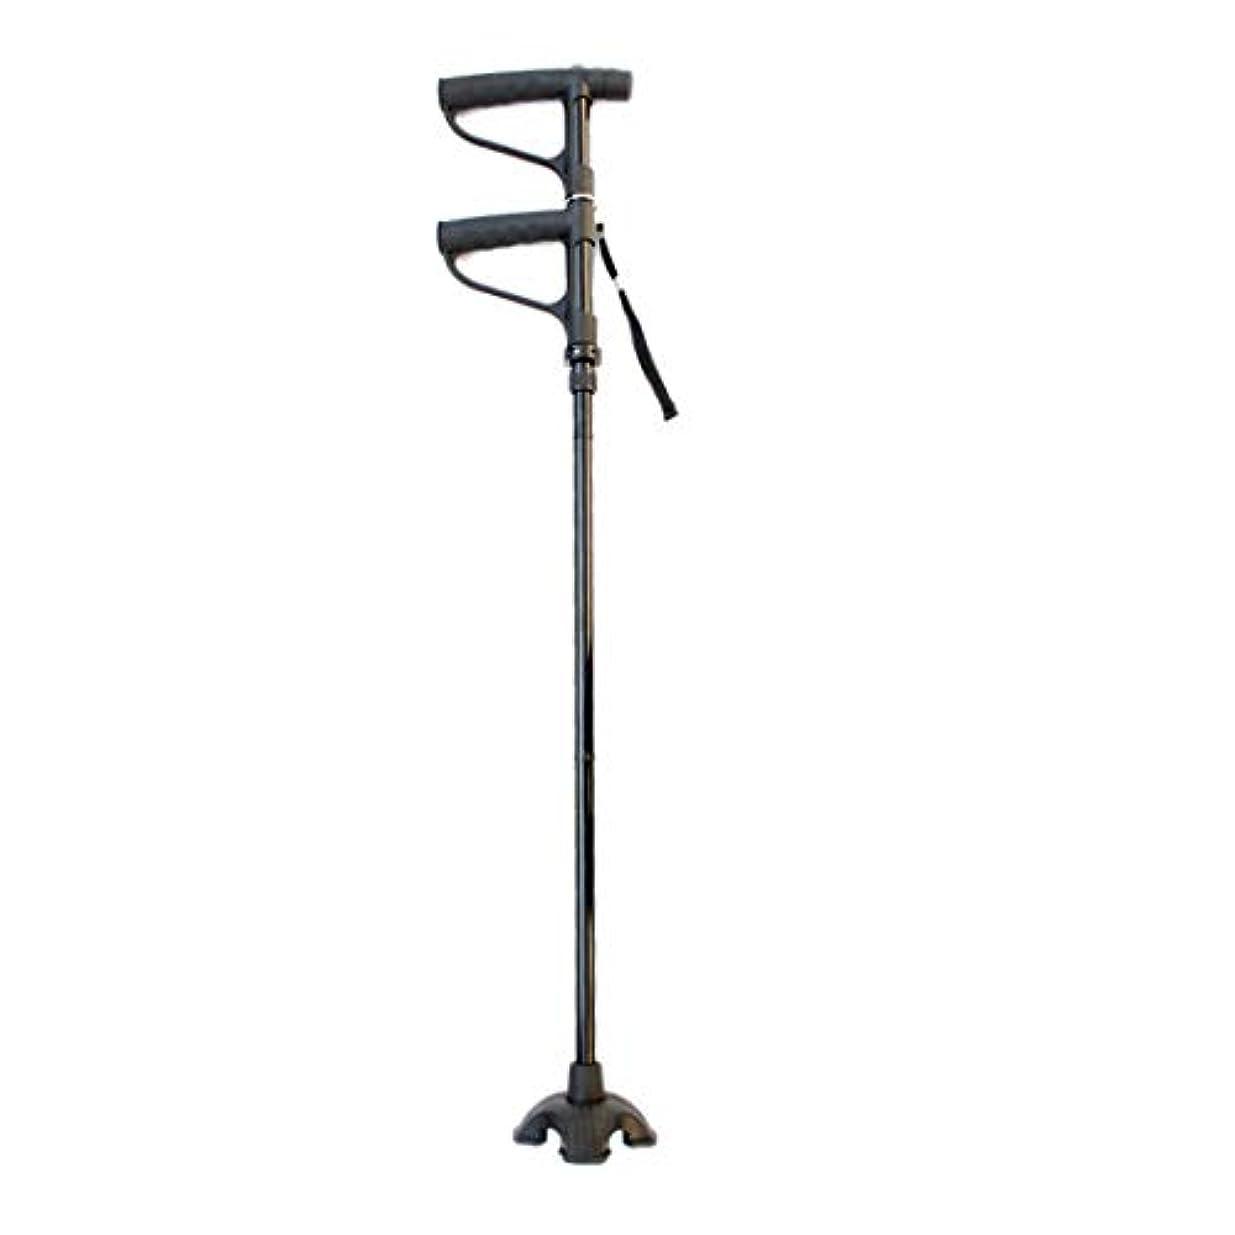 ブルームポール誠実さ折りたたみ式松葉杖高さ調節可能な歩行松葉杖高齢者に適した前腕補助杖